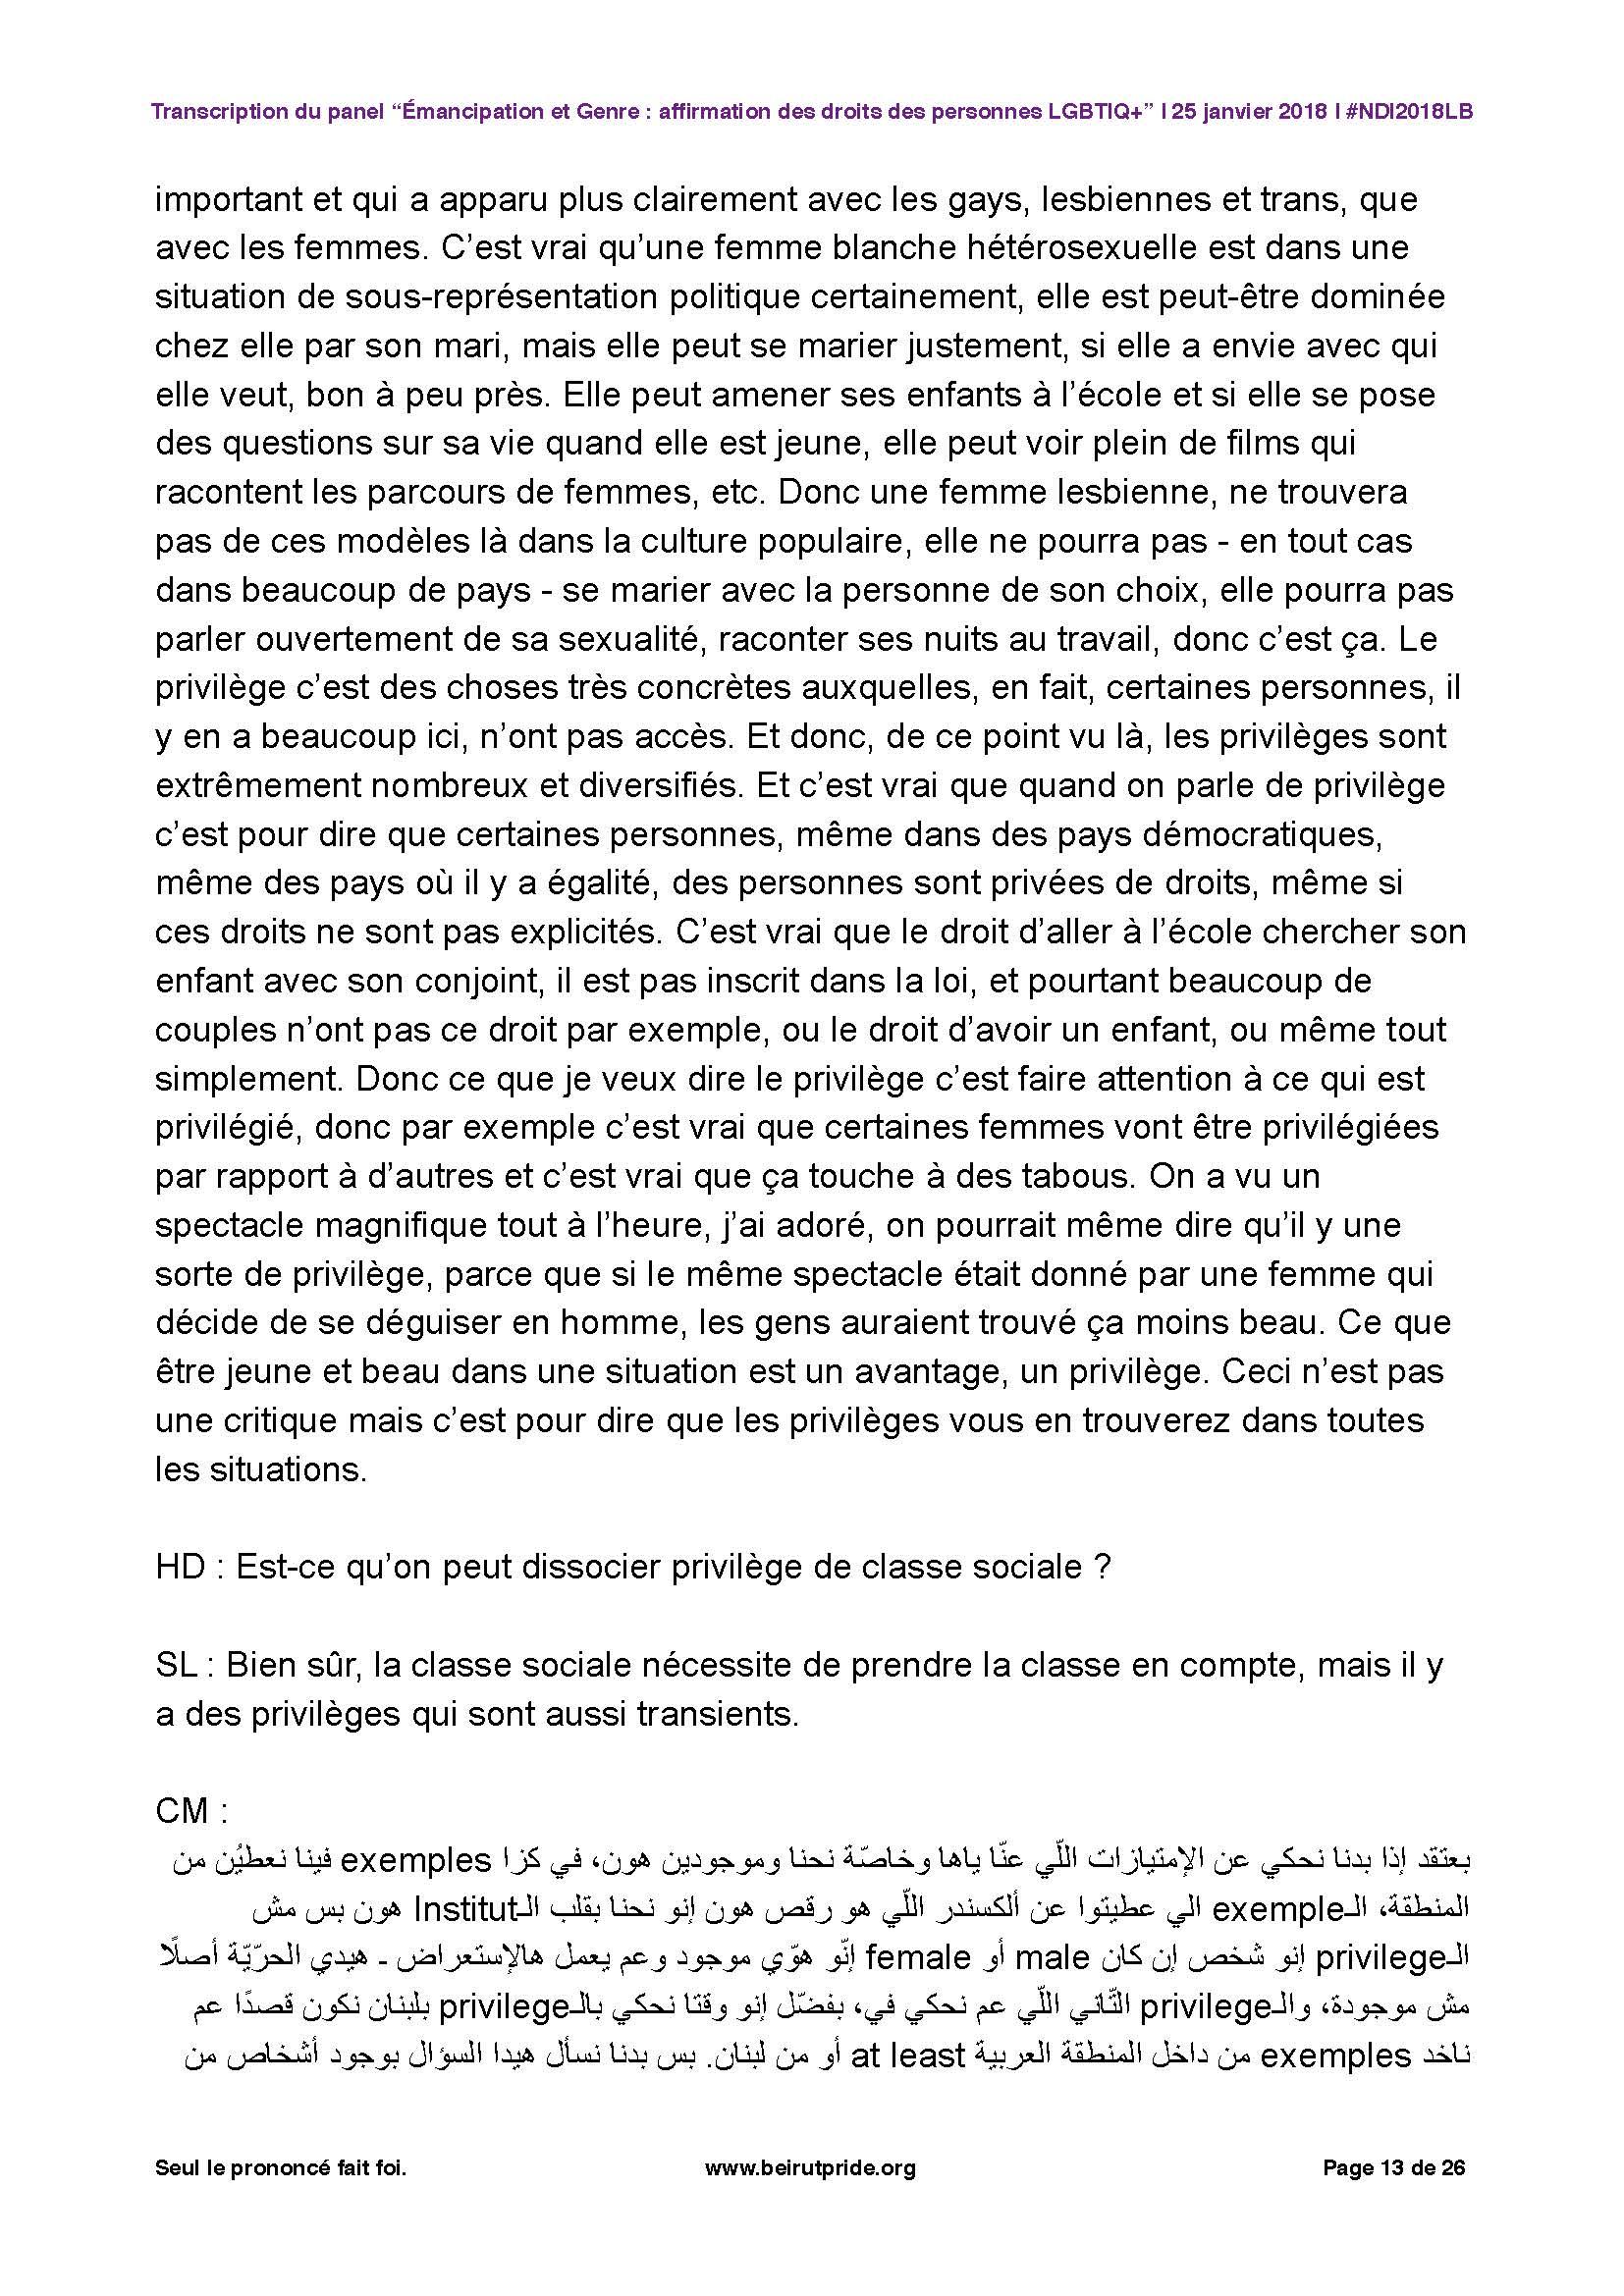 Transcription Nuit des idées 2018_Page_13.jpg